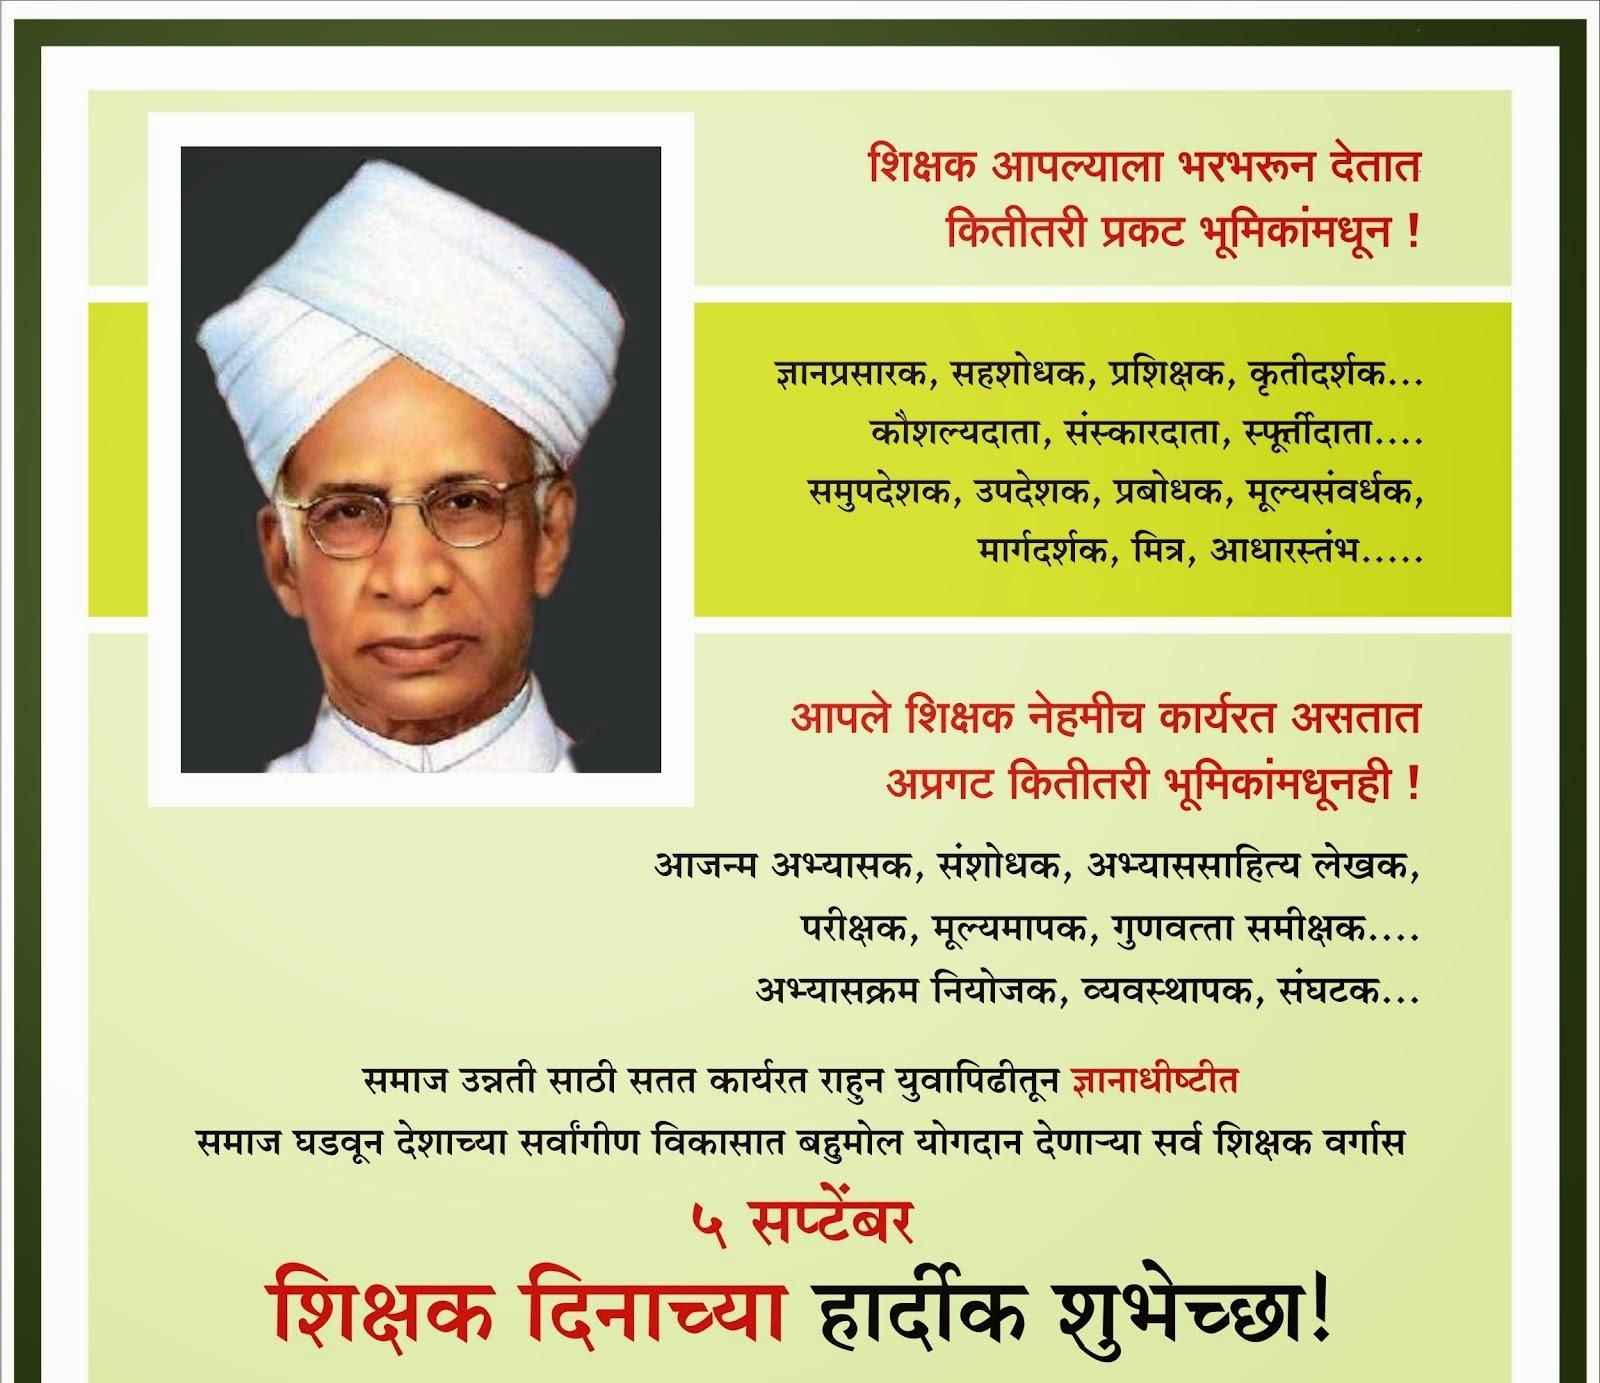 teacher day quotes sms in marathi abolichyakalya